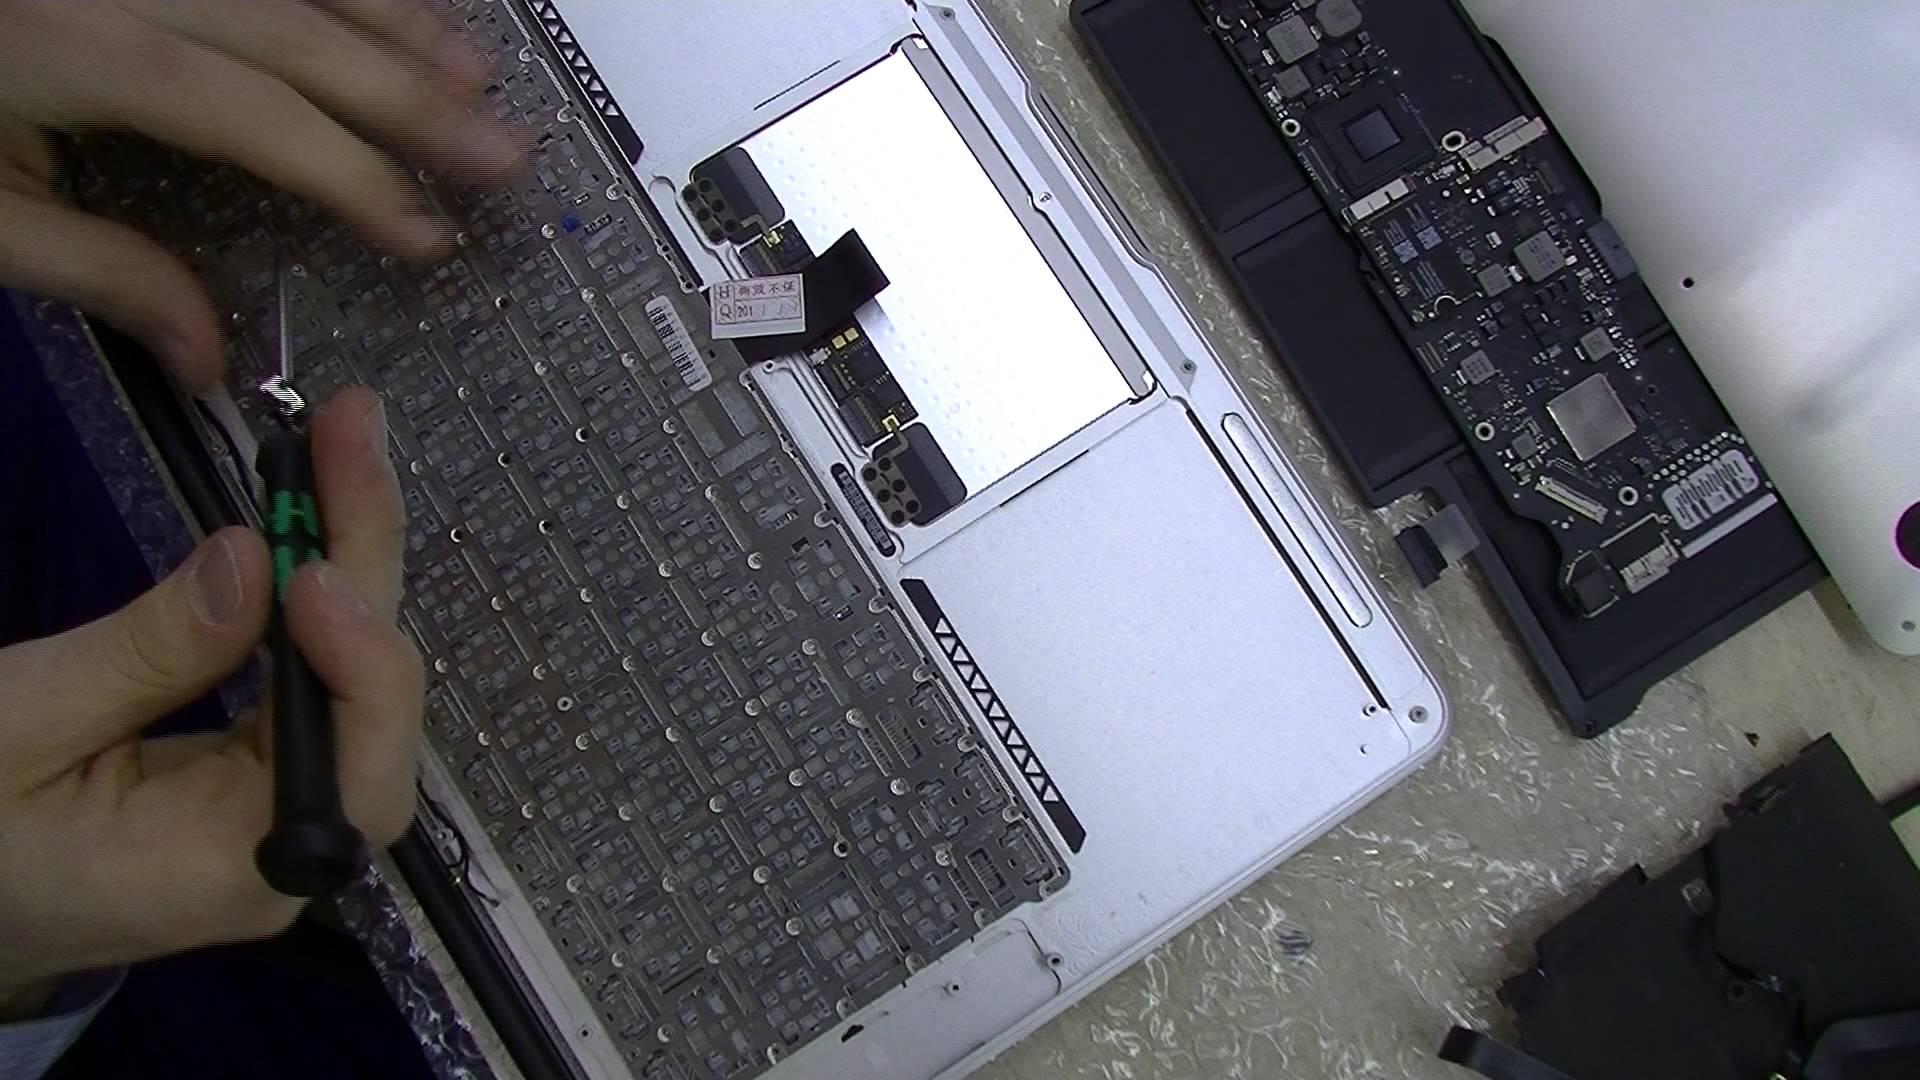 Macbook Air キーボード交換修理方法動画